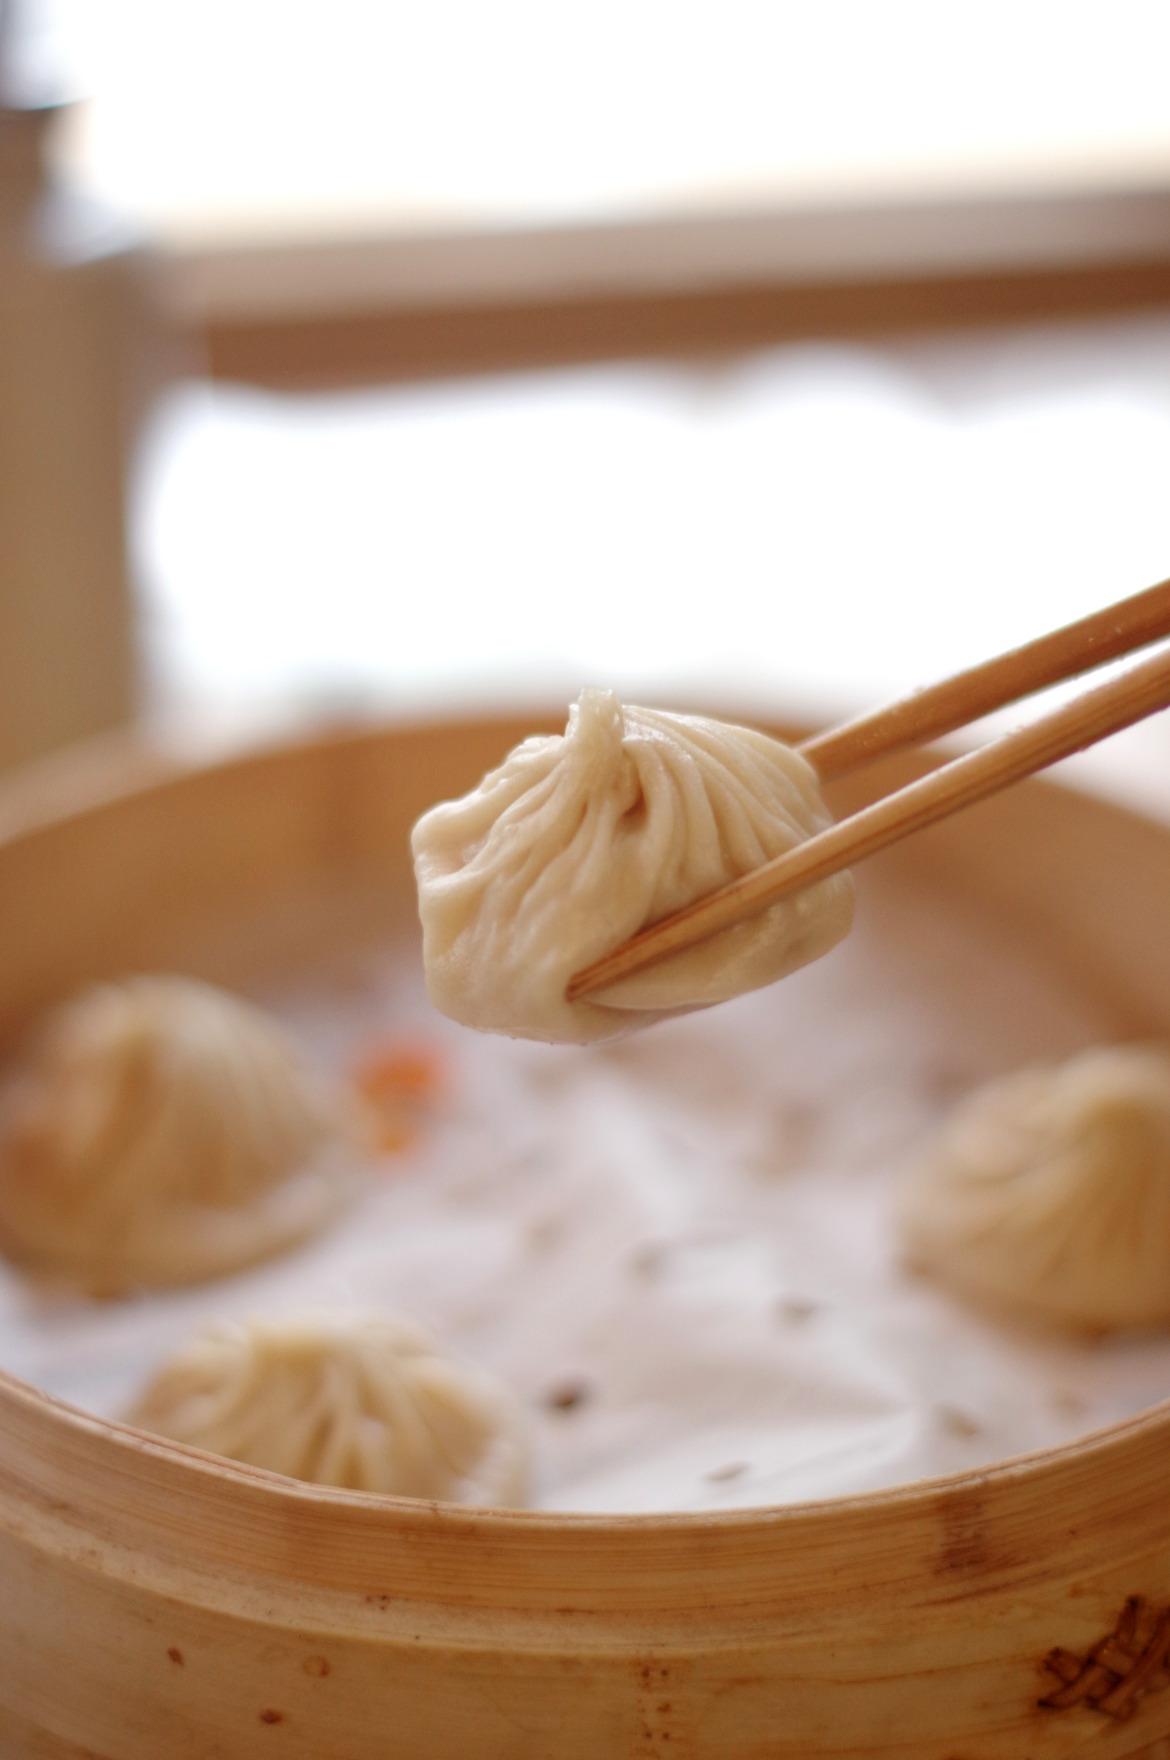 21g dumpling